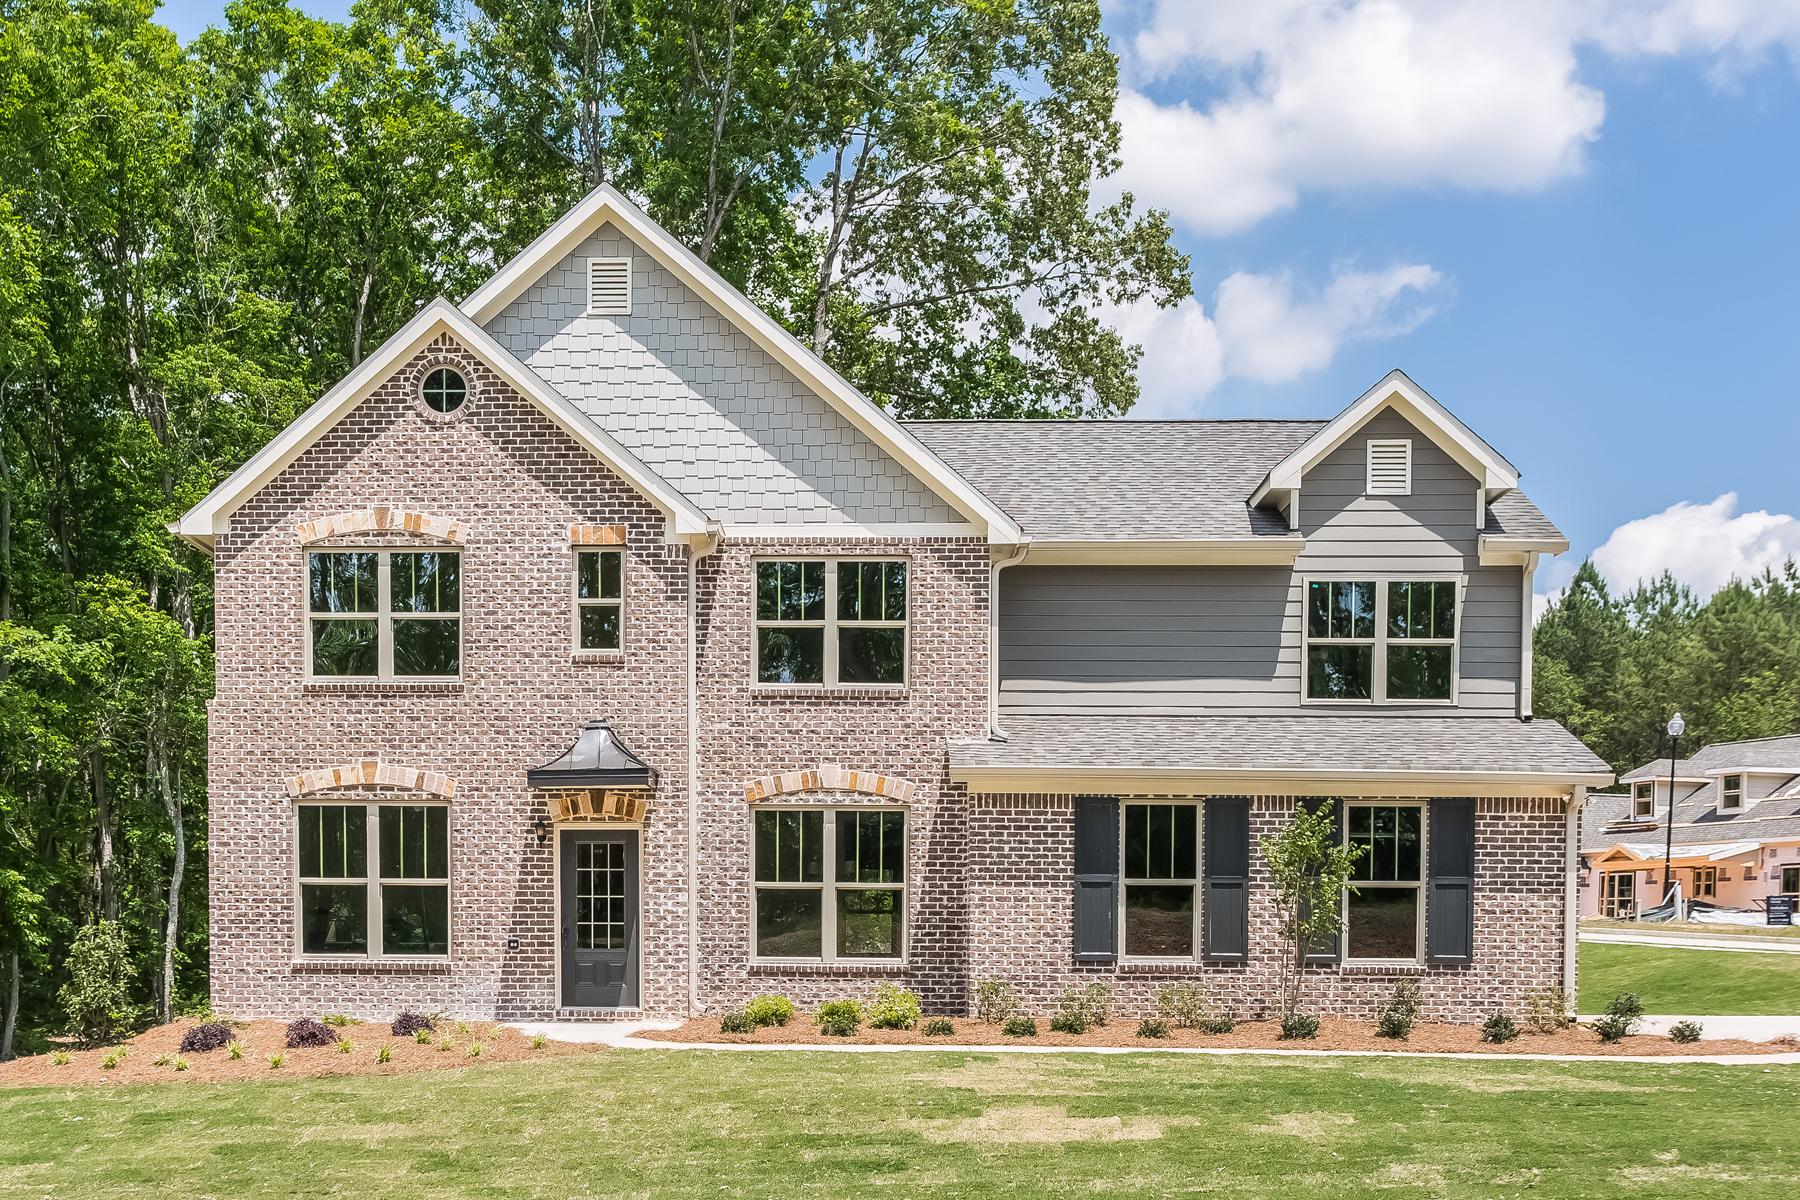 Villa per Vendita alle ore GATED GOLF COURSE NEW CONSTRUCTION 2935 CENTENNIAL DRIVE NE Conyers, Georgia, 30013 Stati Uniti